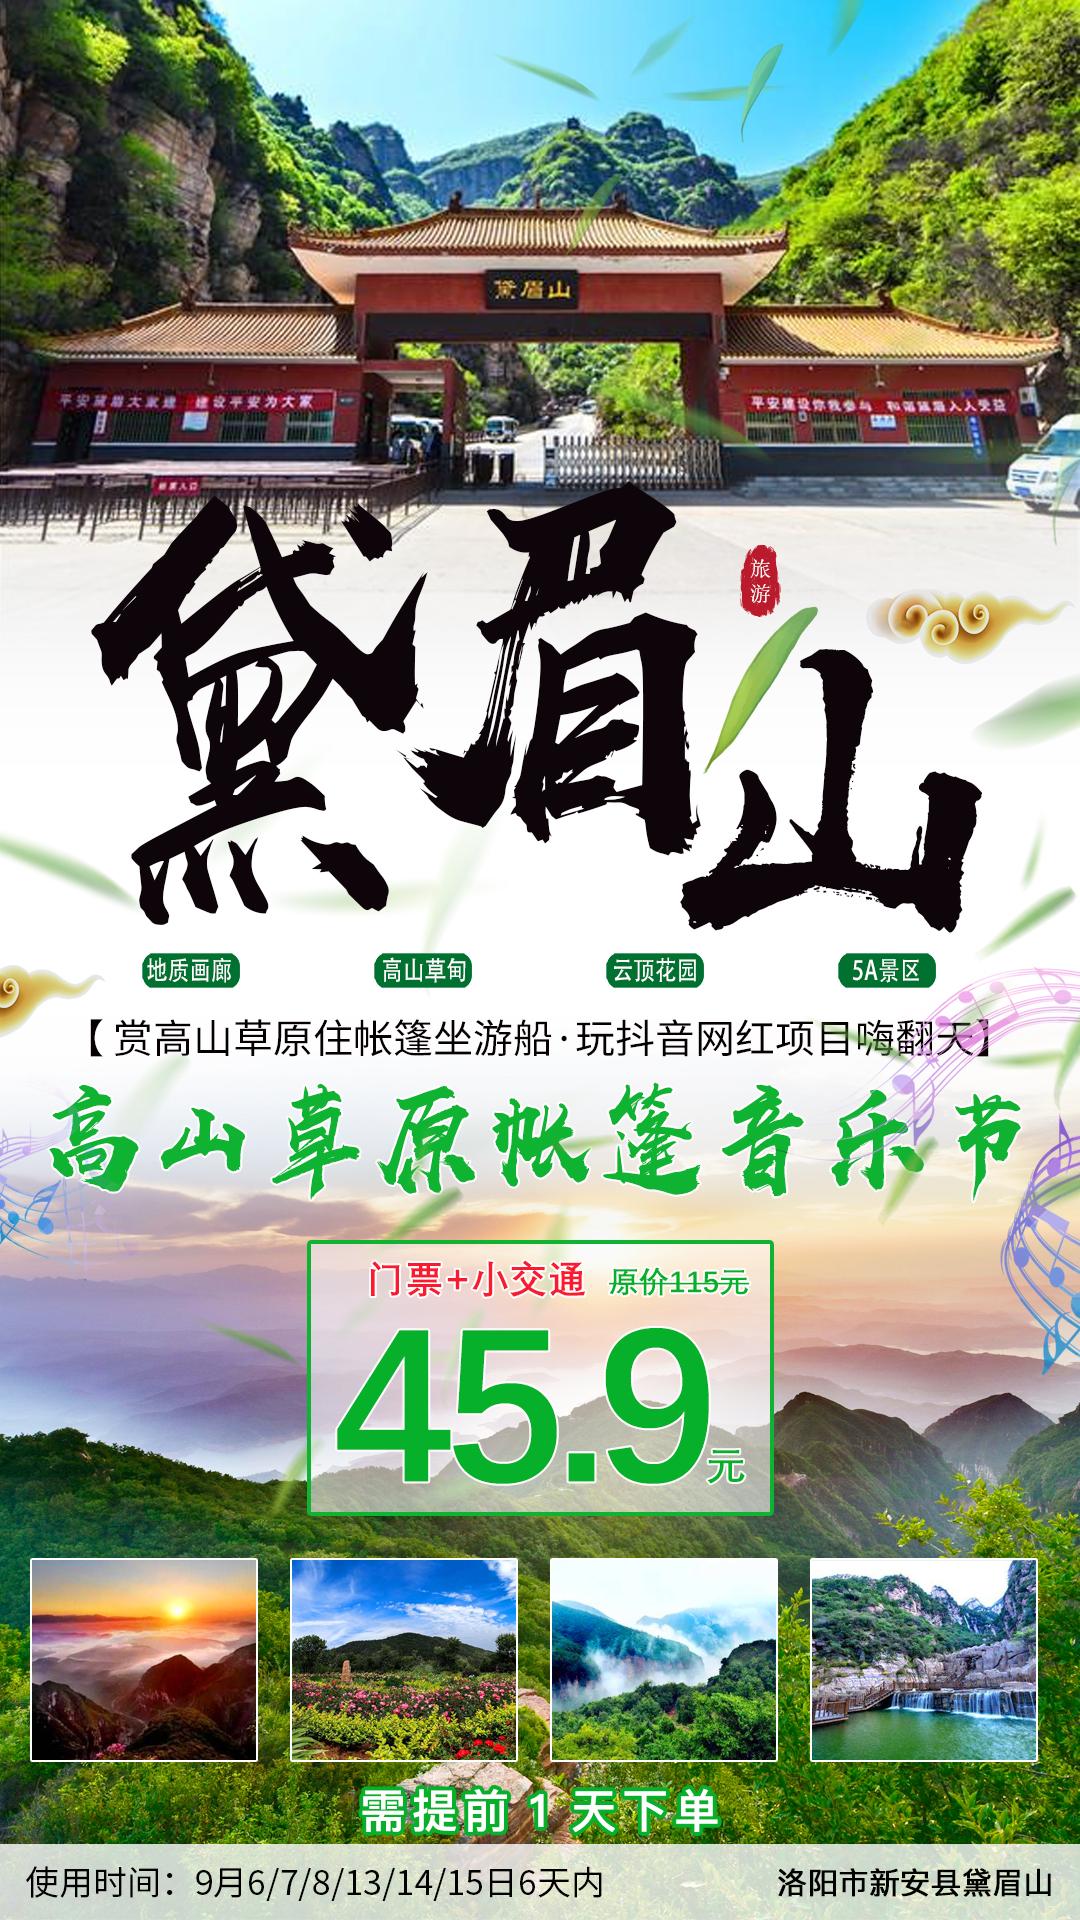 郑州周边游玩好去处,优惠景点,活动大全